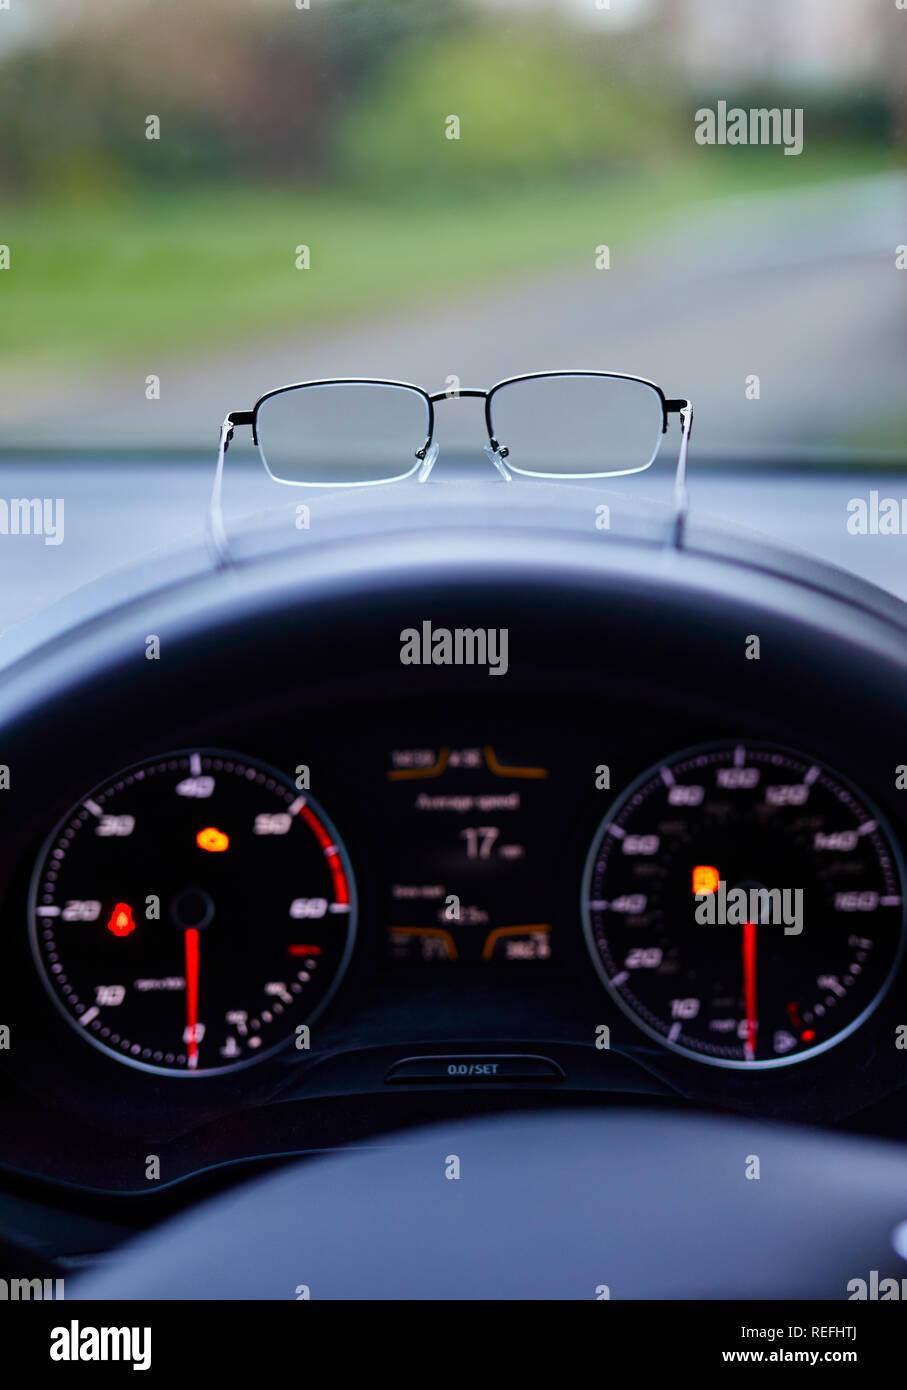 Paio di Occhiali sul cruscotto di automobile Immagini Stock